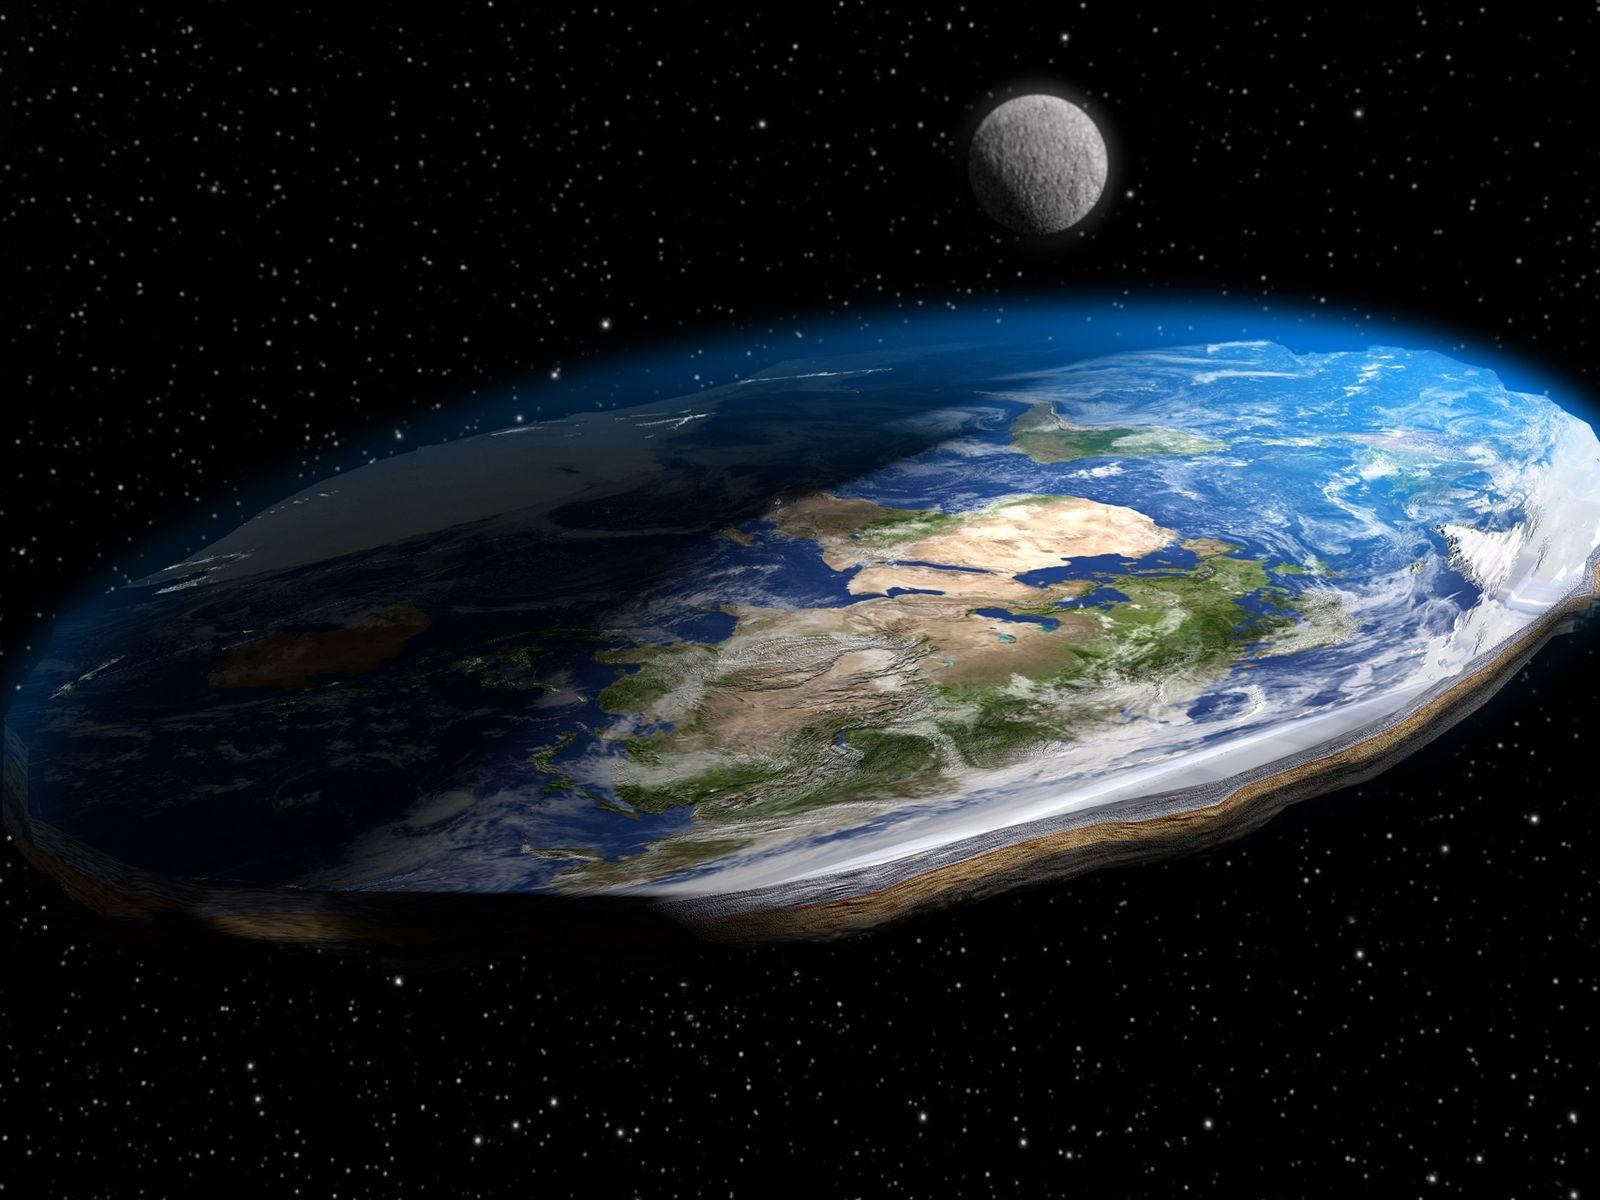 Satire über Wissenschaft: Die Erde ist eine Scheibe?